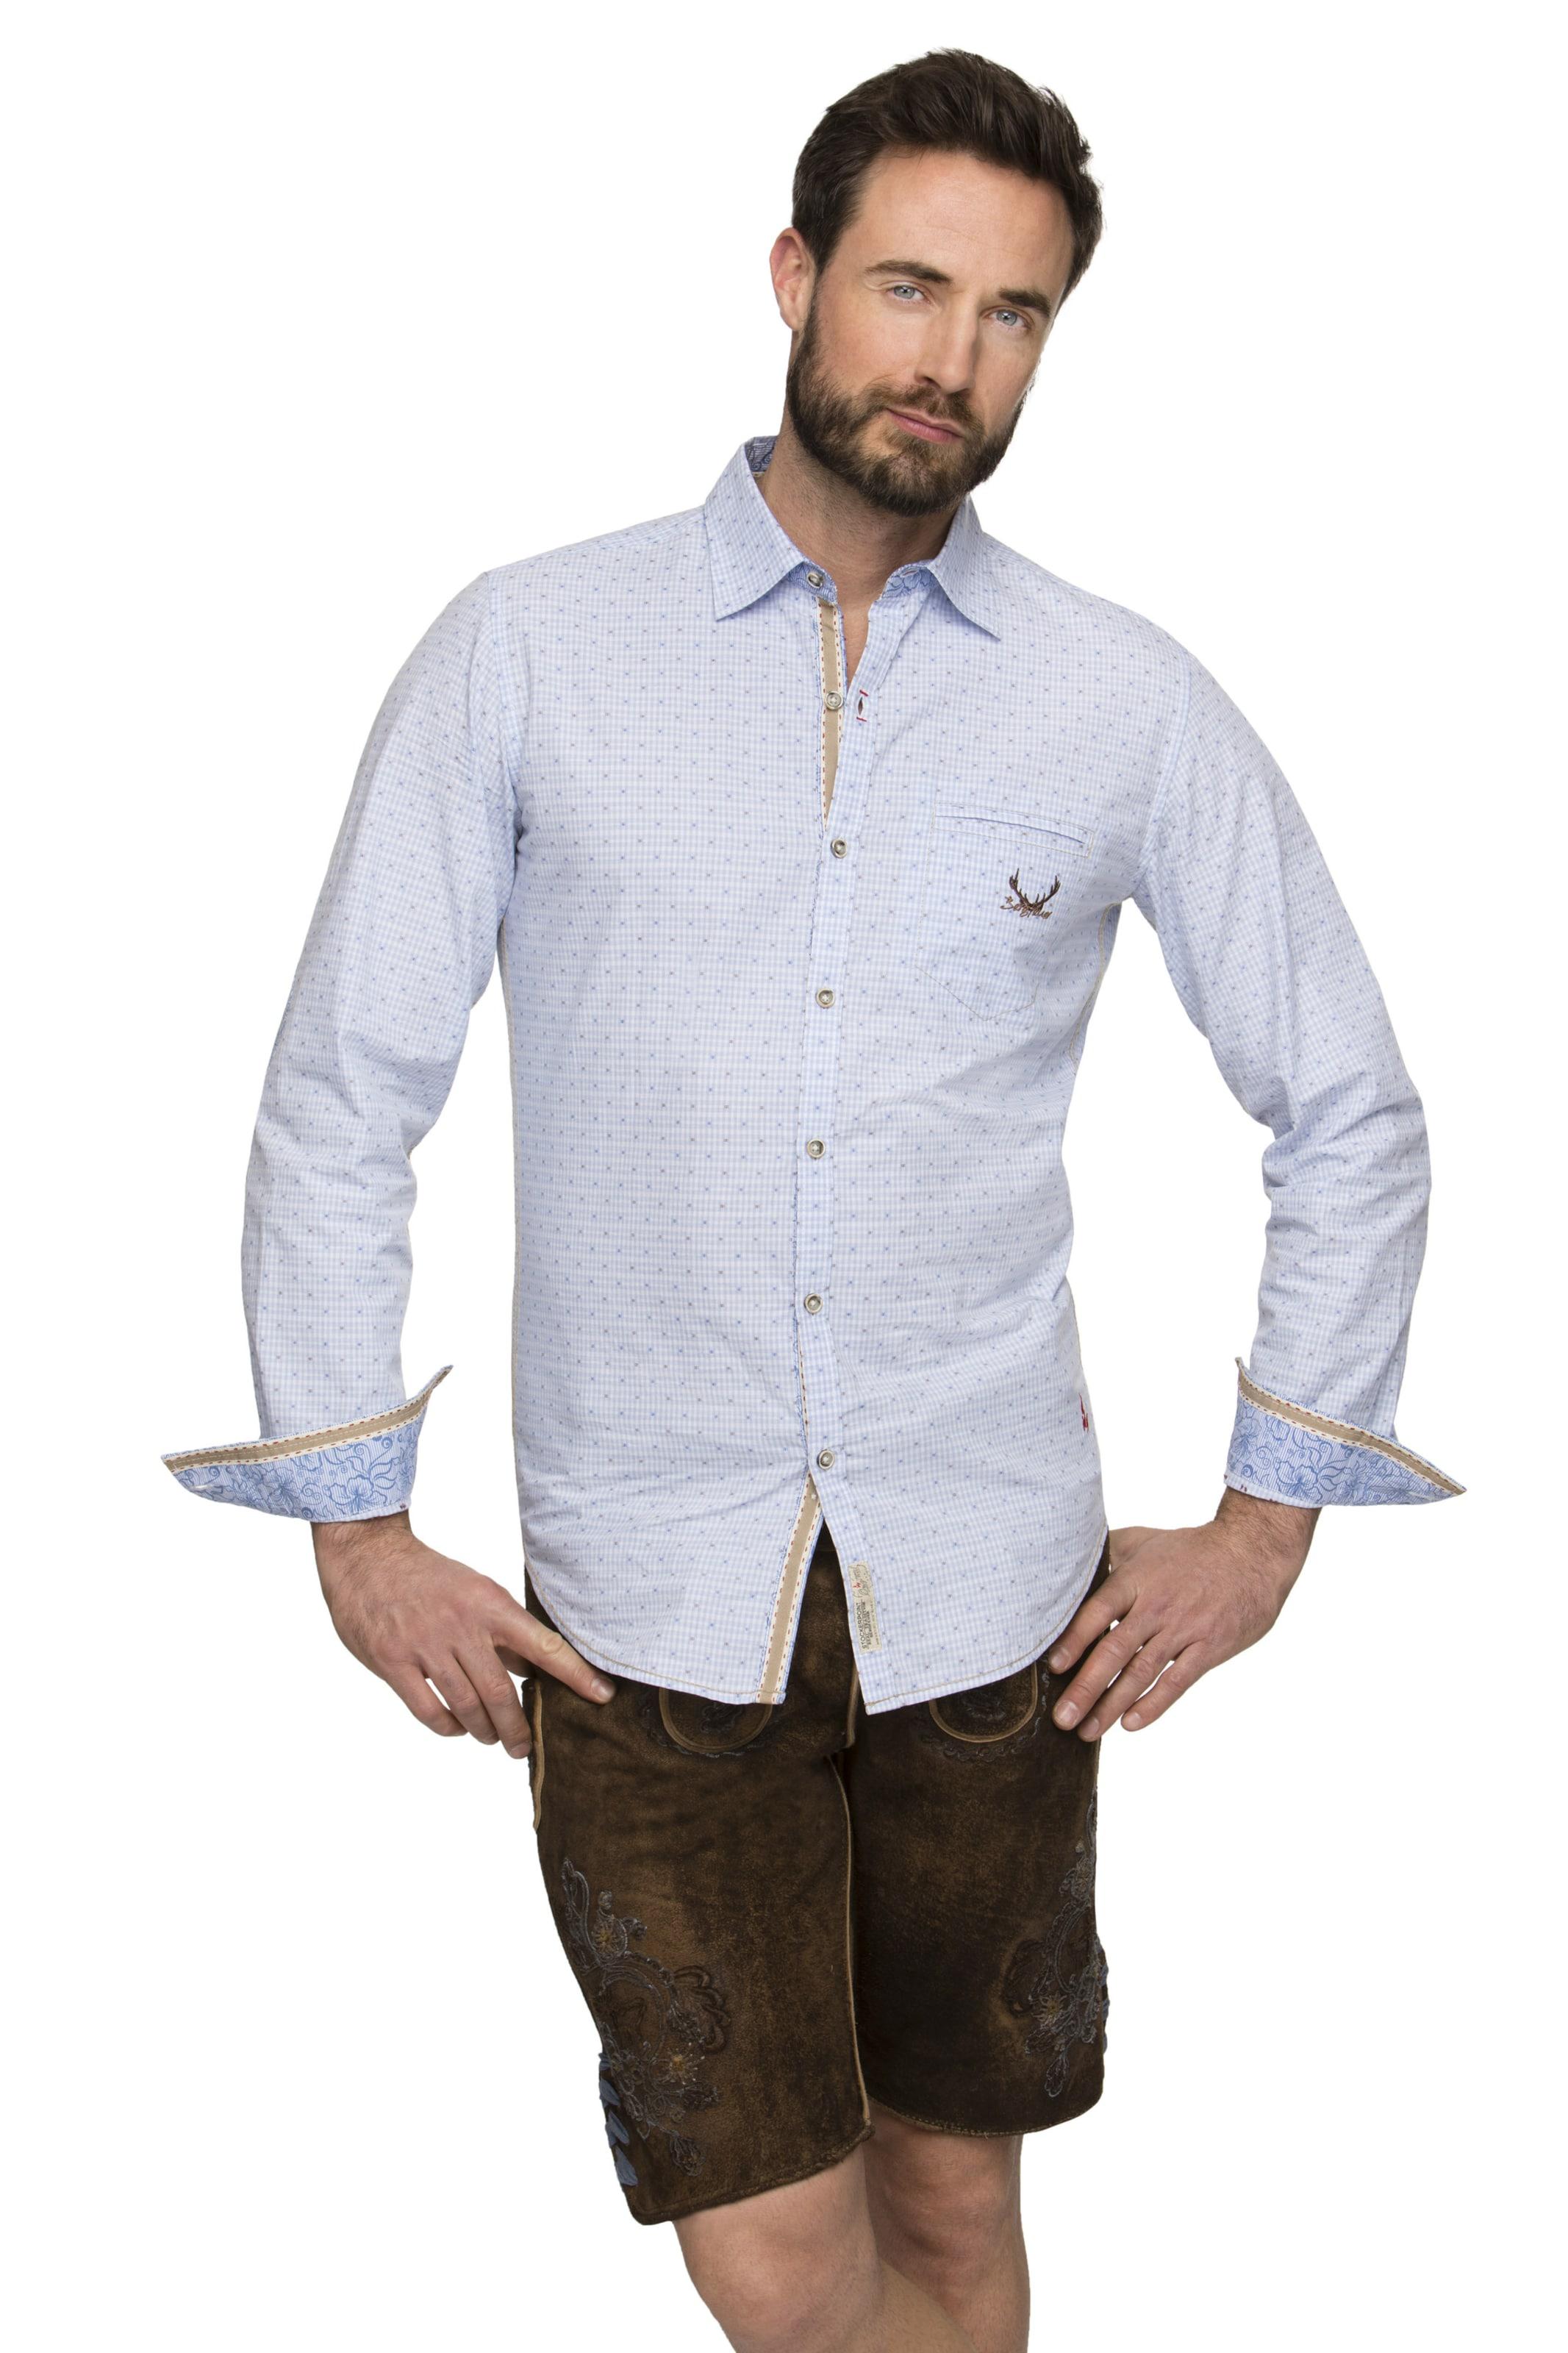 Billig Verkauf 2018 STOCKERPOINT Hemd Jesse Die Besten Preise Verkauf Online e2prB6Zl